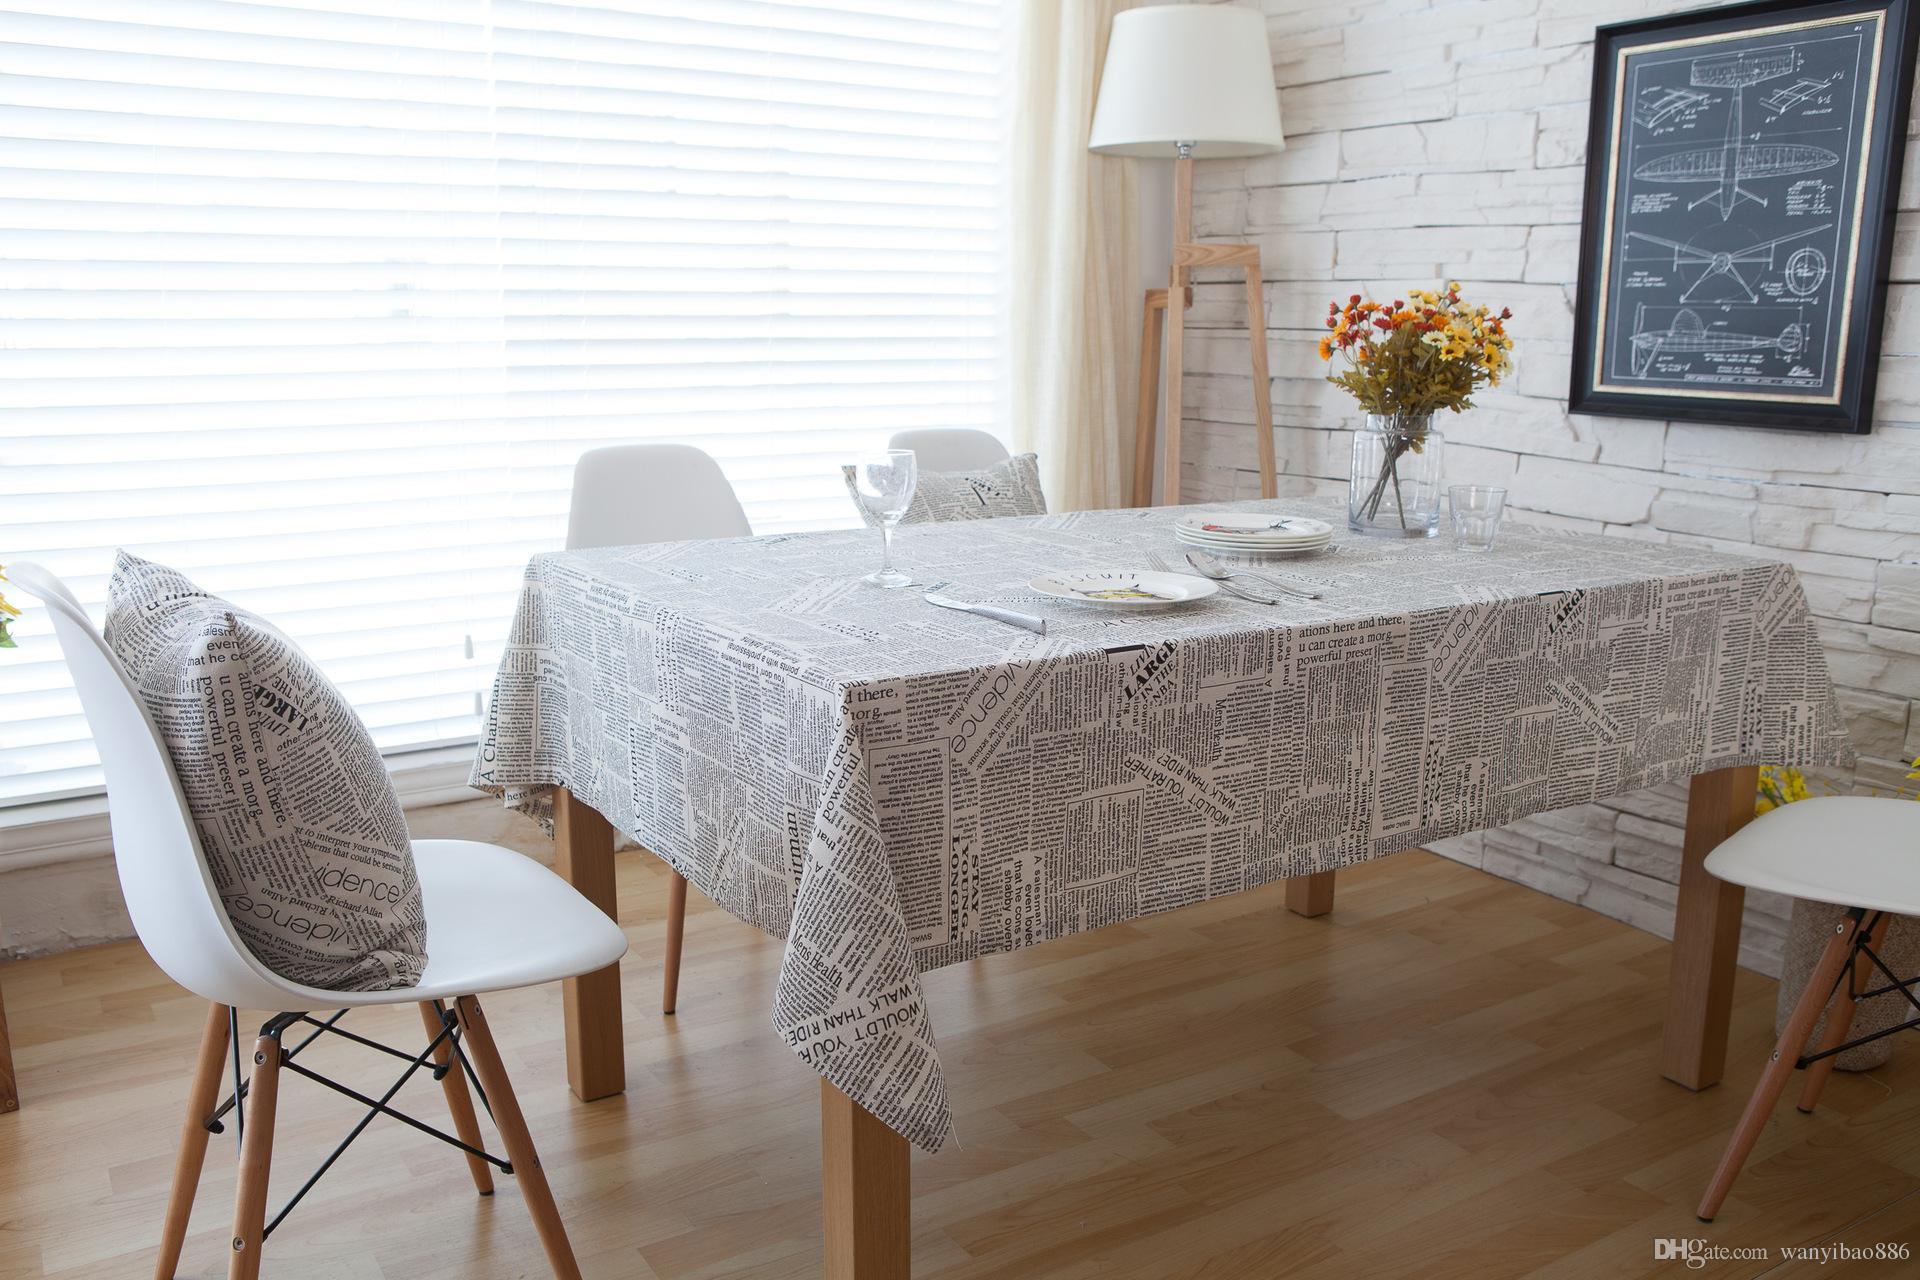 Cheap A Rectangle Tea Towel Best Cotton Linen Dust Linen Napkins